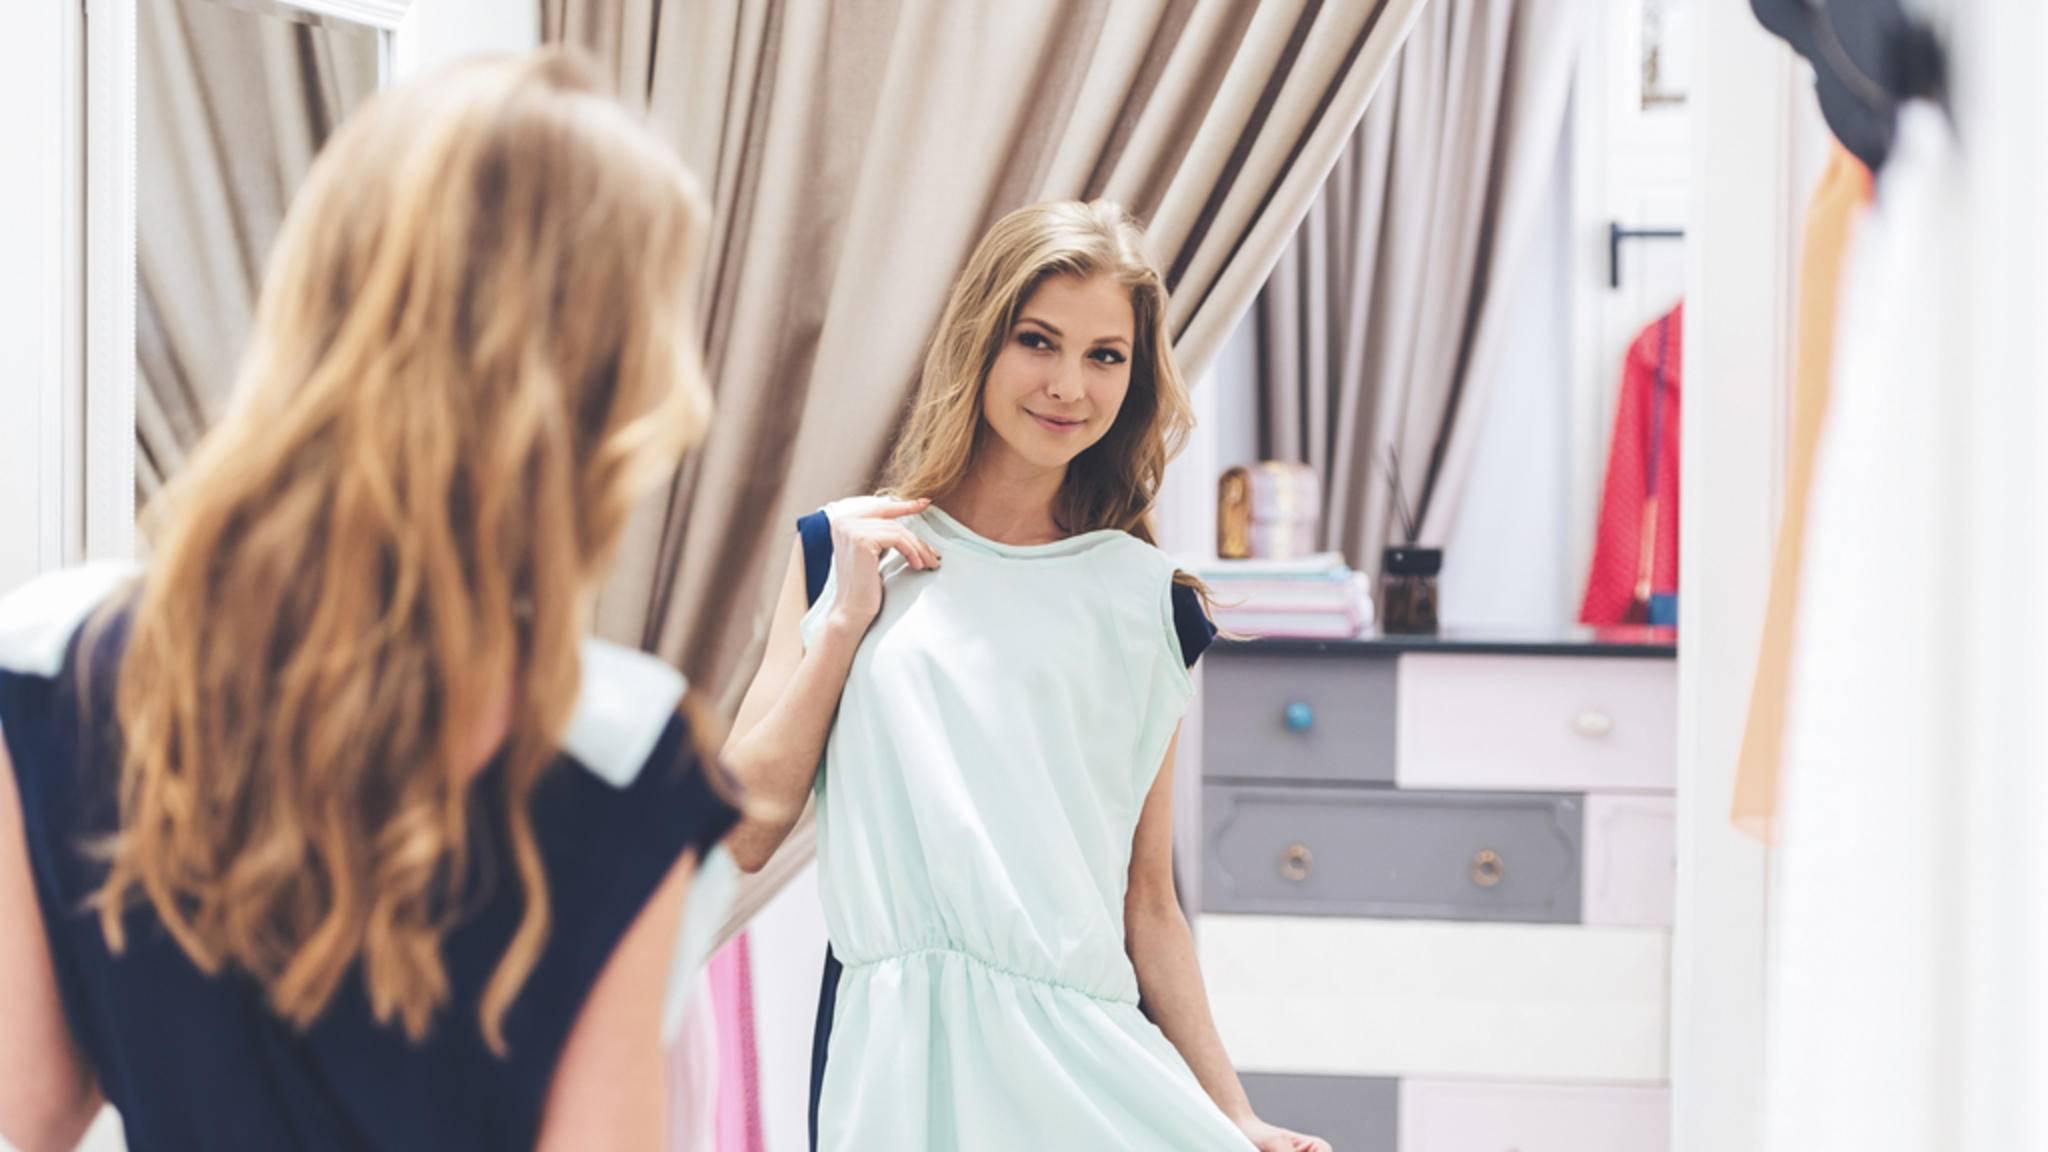 Mit einem smarten Spiegel könnte das provisorische Anhalten von Klamotten schon bald überflüssig werden.